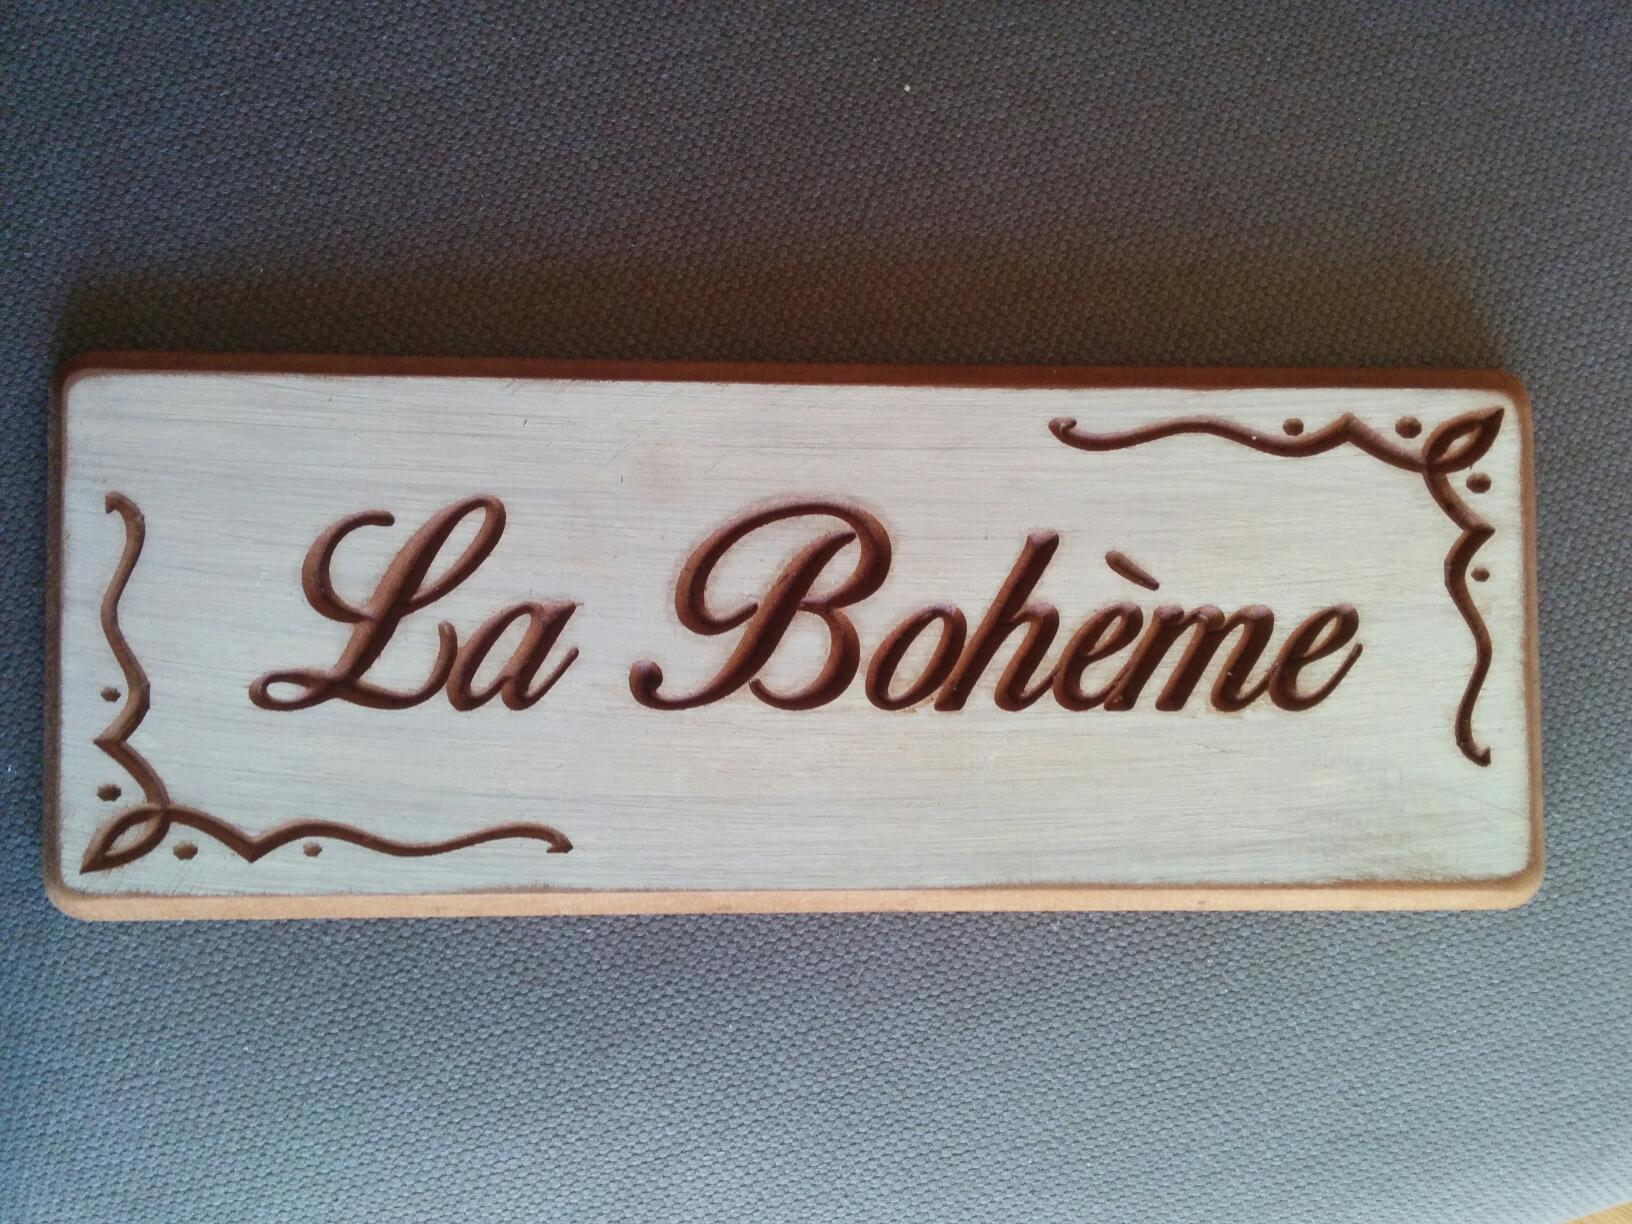 Carteles personalizados en madera La  Boheme